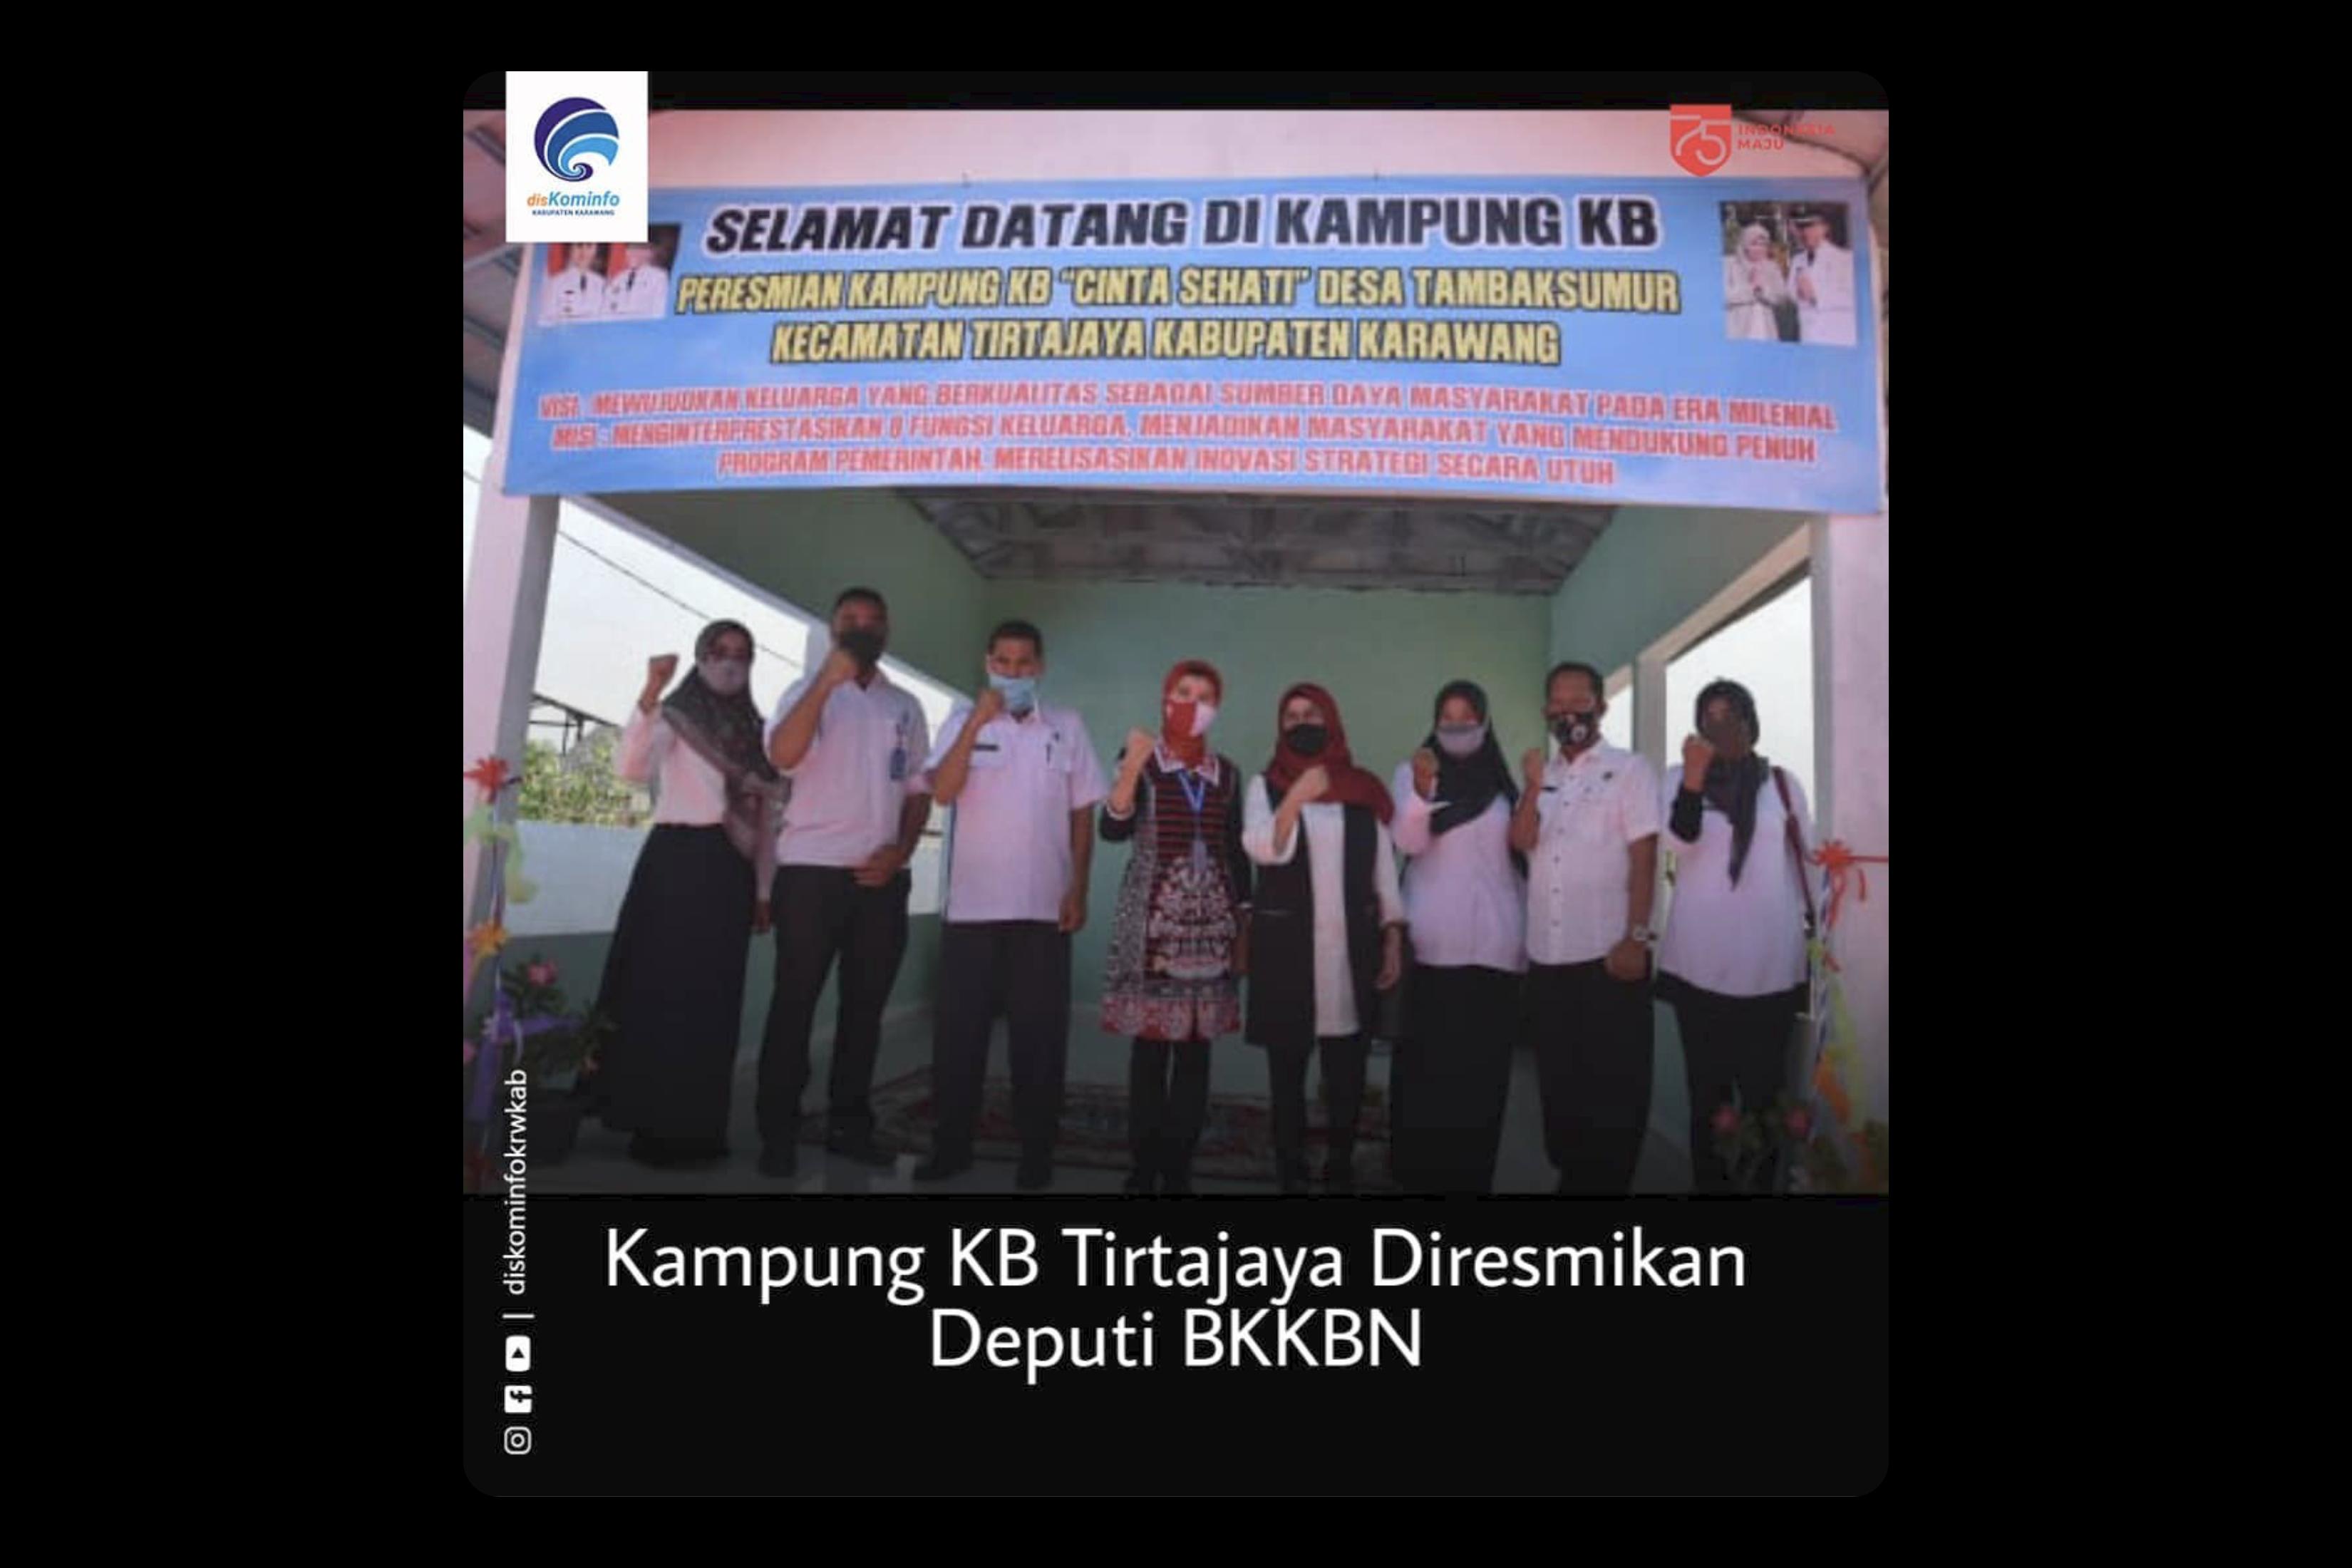 Kampung Kb Tirtajaya Diresmikan Deputi Bkkbn Situs Resmi Pemerintah Daerah Kabupaten Karawang